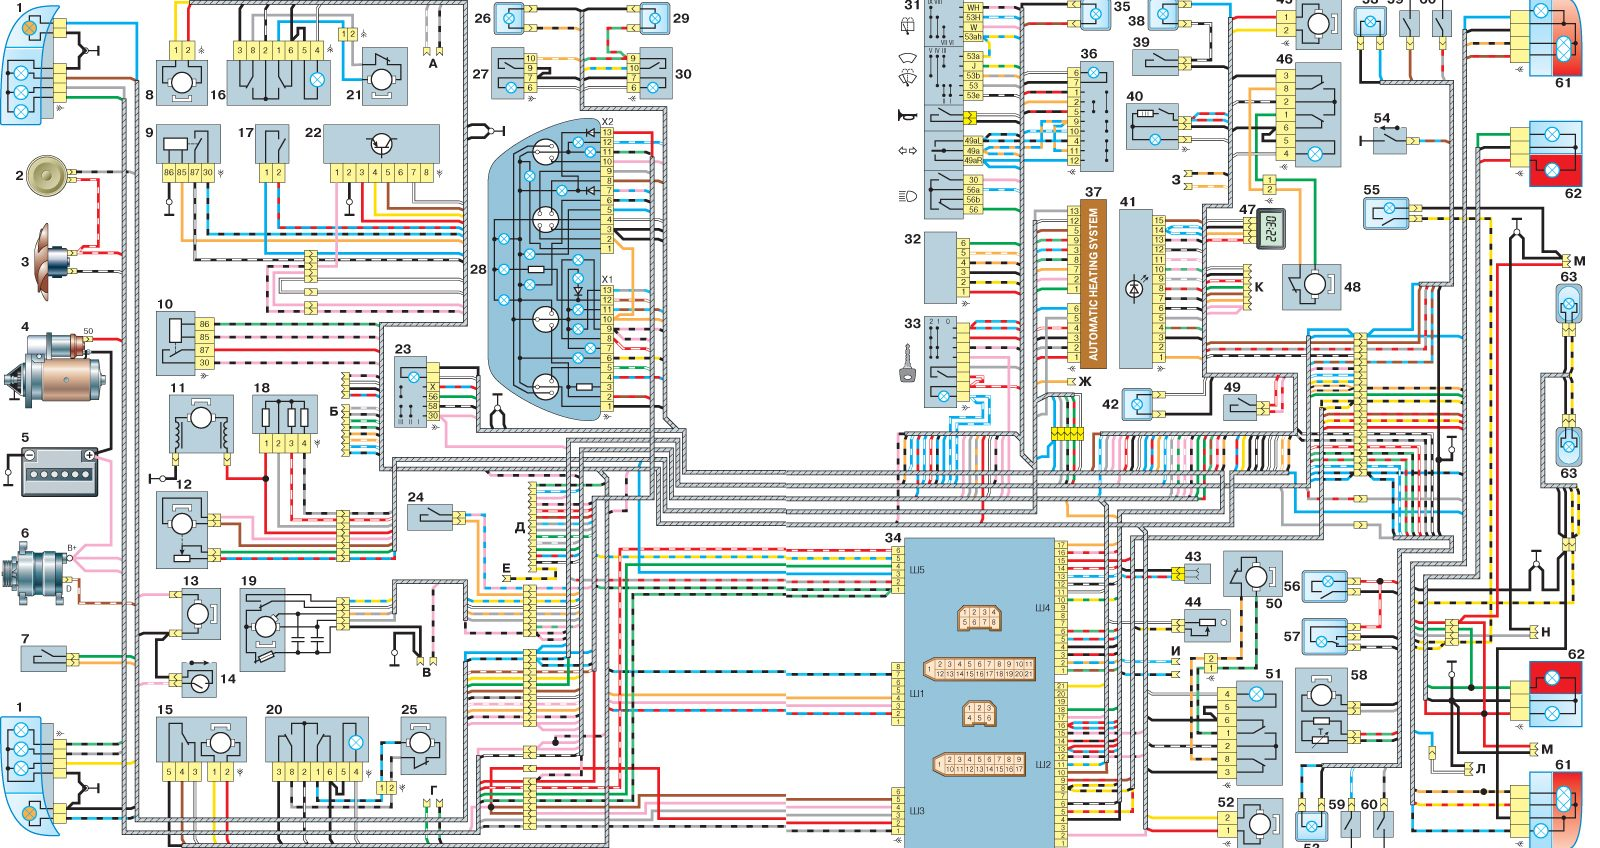 1 - блок-фары 2 - звуковой сигнал 3 - электродвигатель вентилятора системы охлаждения двигателя 4 - стартер 5...